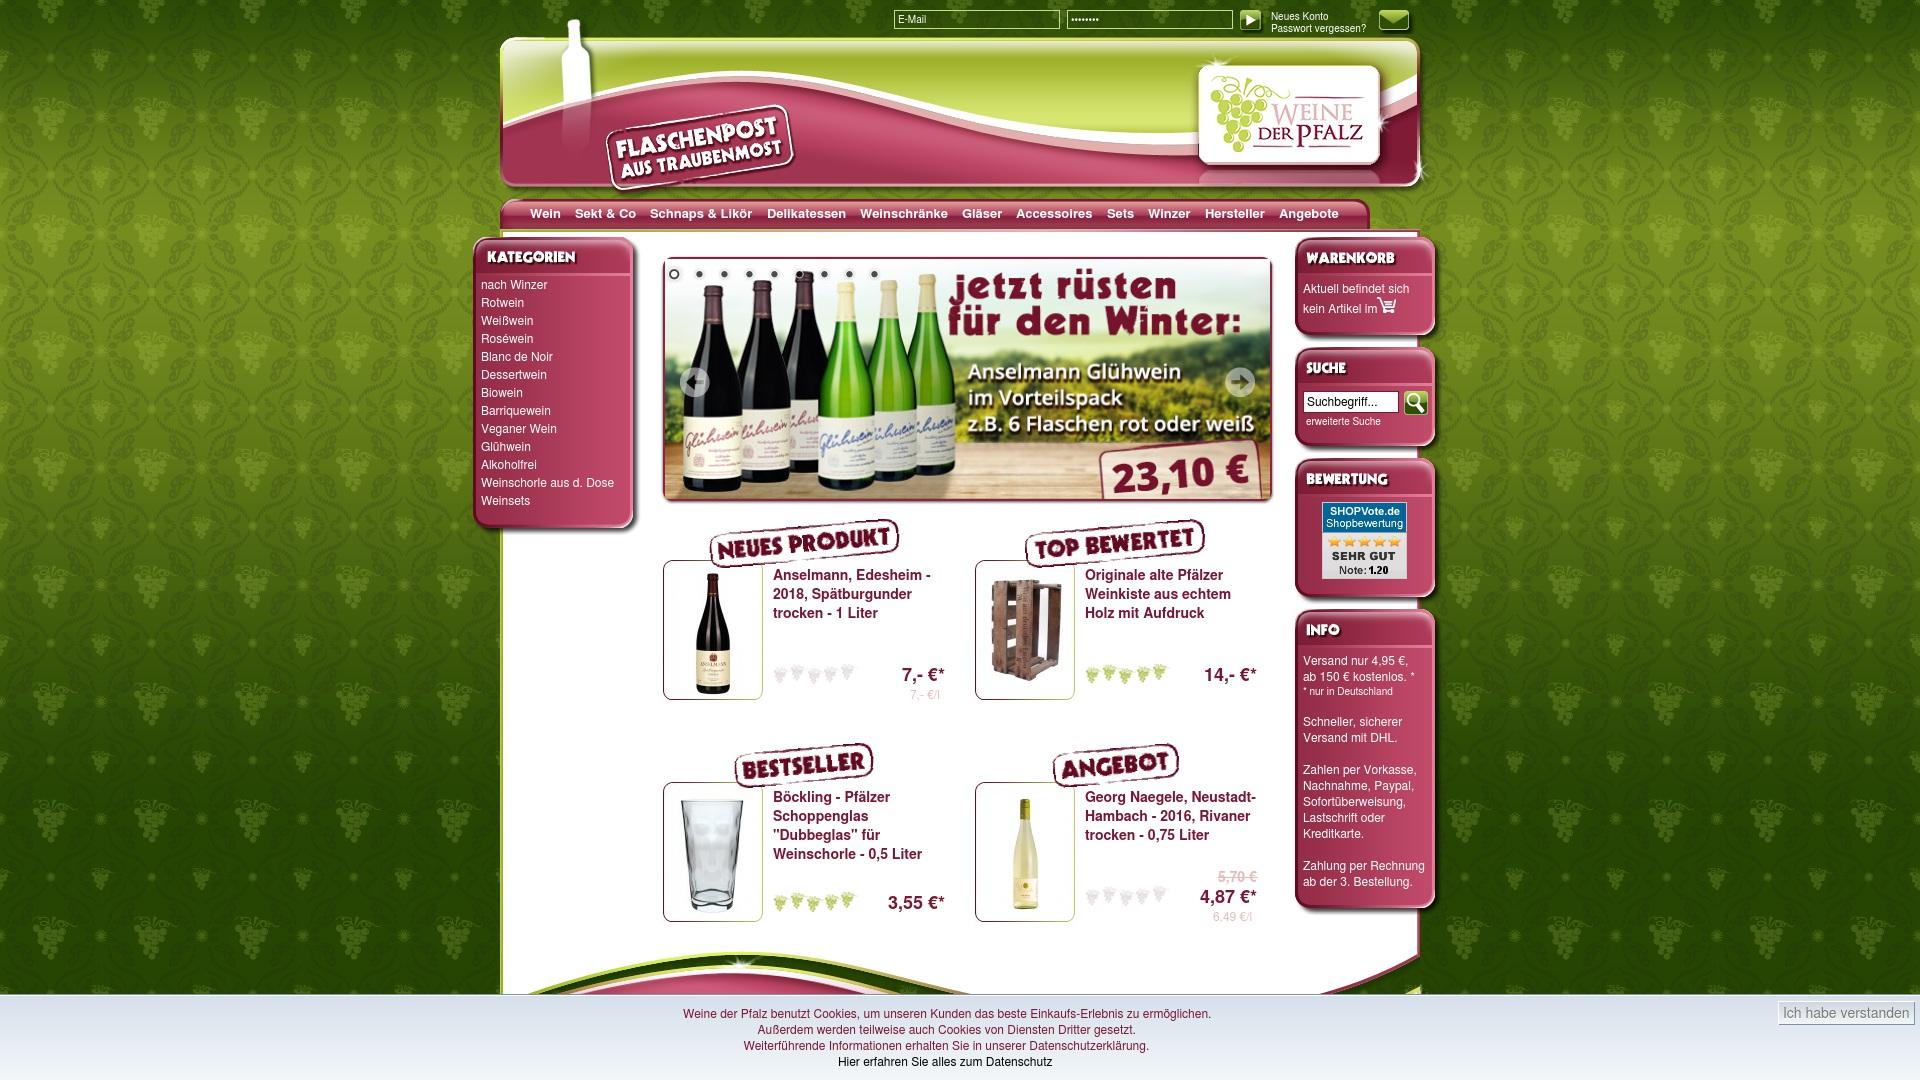 Gutschein für Weinederpfalz: Rabatte für  Weinederpfalz sichern